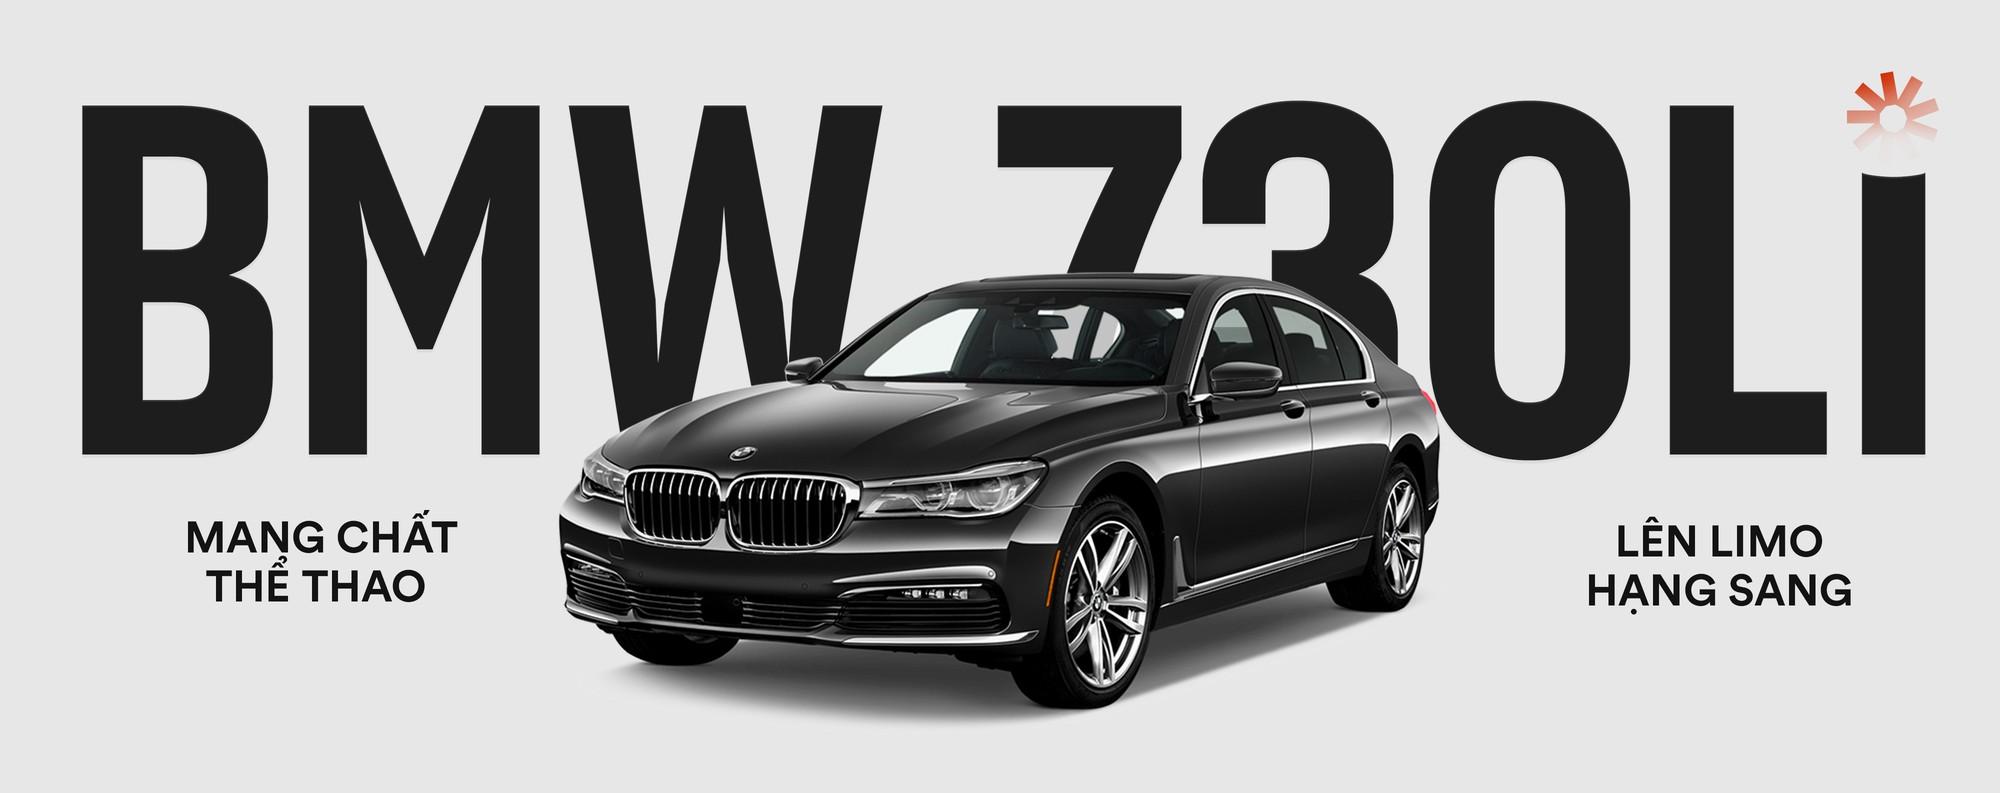 Đánh giá BMW 730Li: Mang chất thể thao lên limo hạng sang - Ảnh 1.